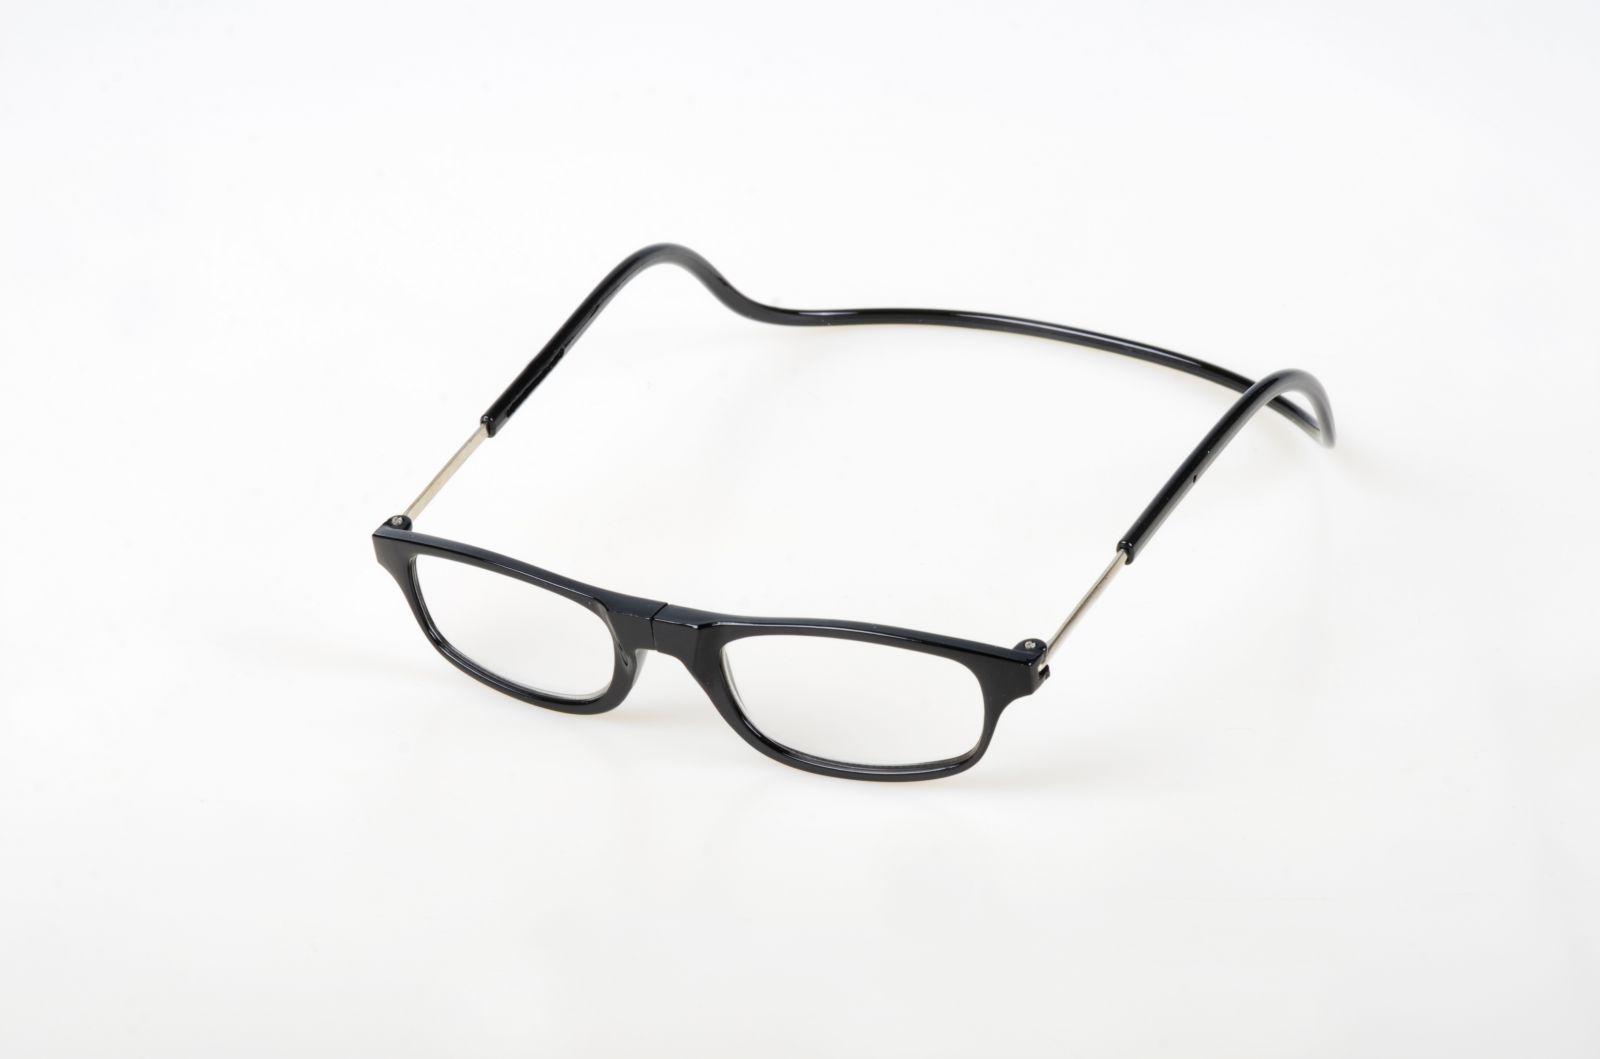 Dioptrické brýle na čtení s magnetem +3,0 - černé  obruby